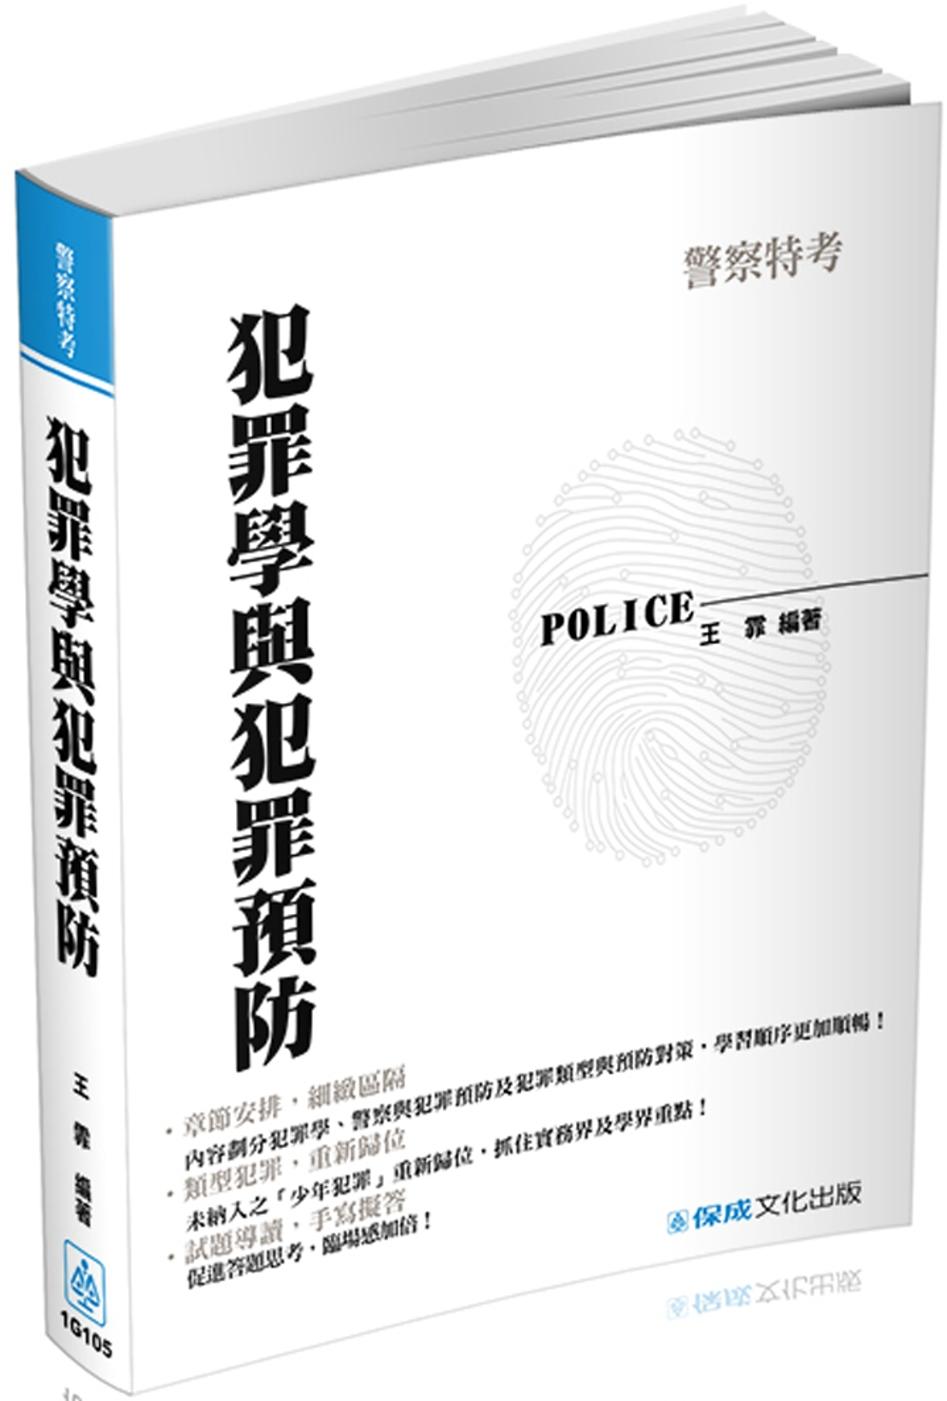 犯罪學與犯罪預防-2017警察特考<保成>